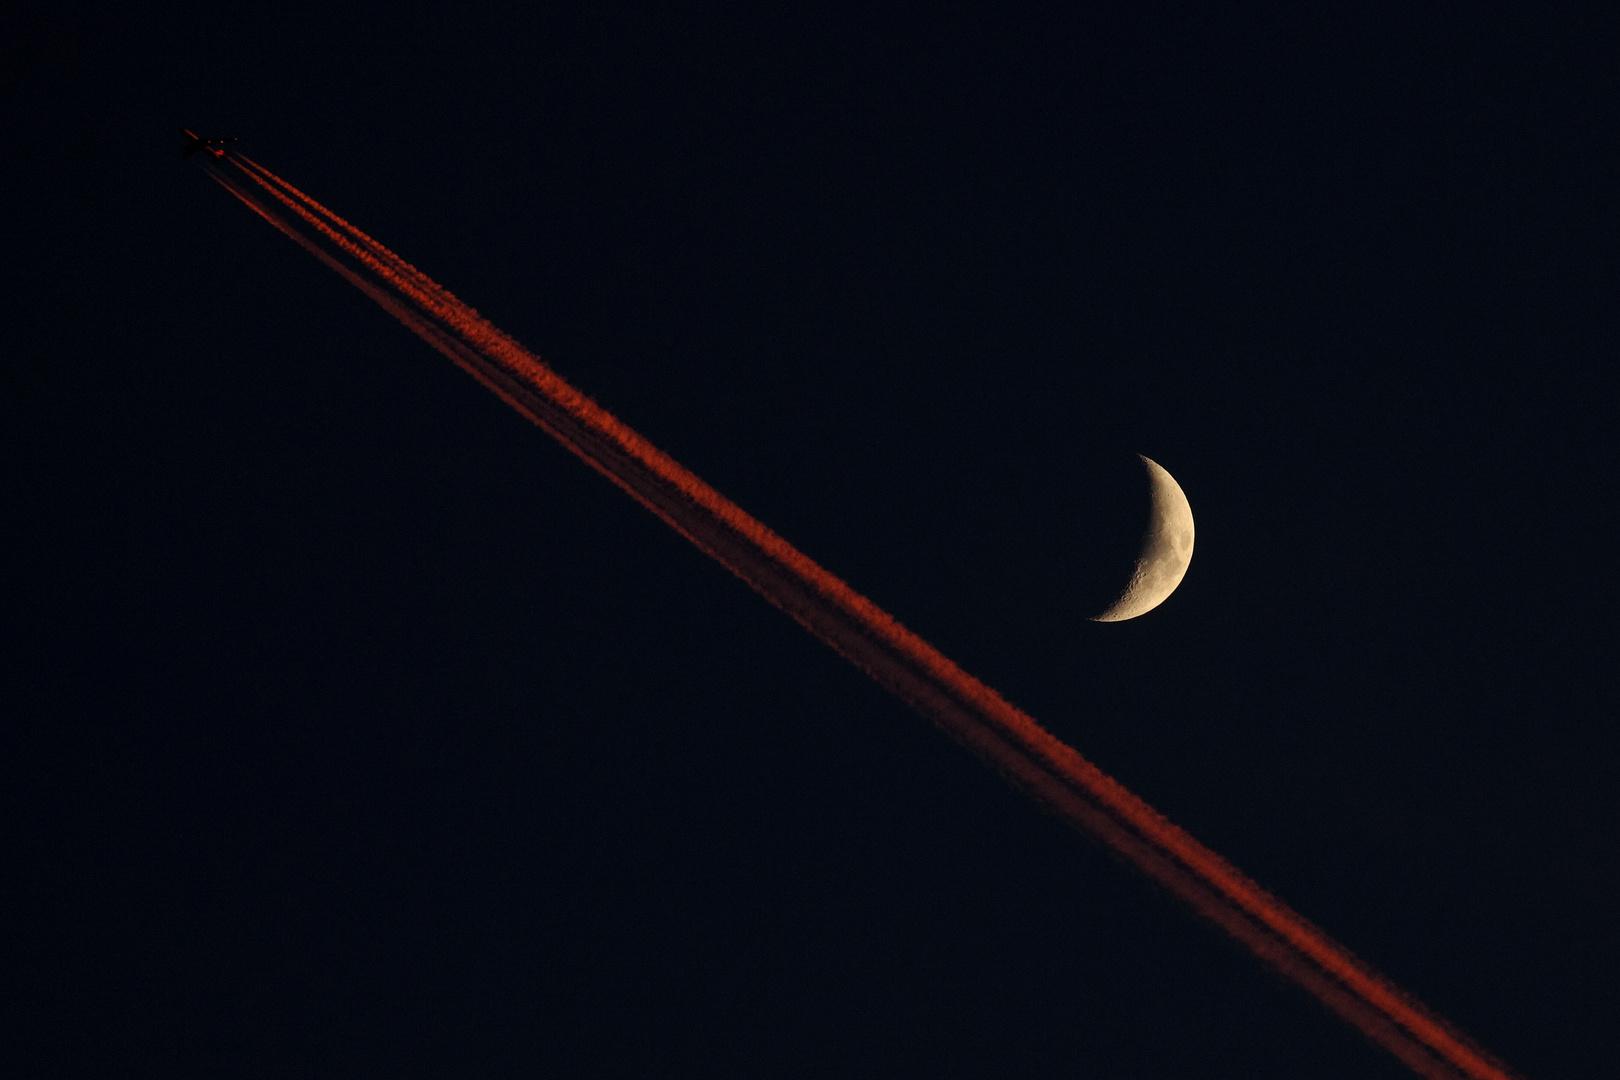 ... am Mond vorbei